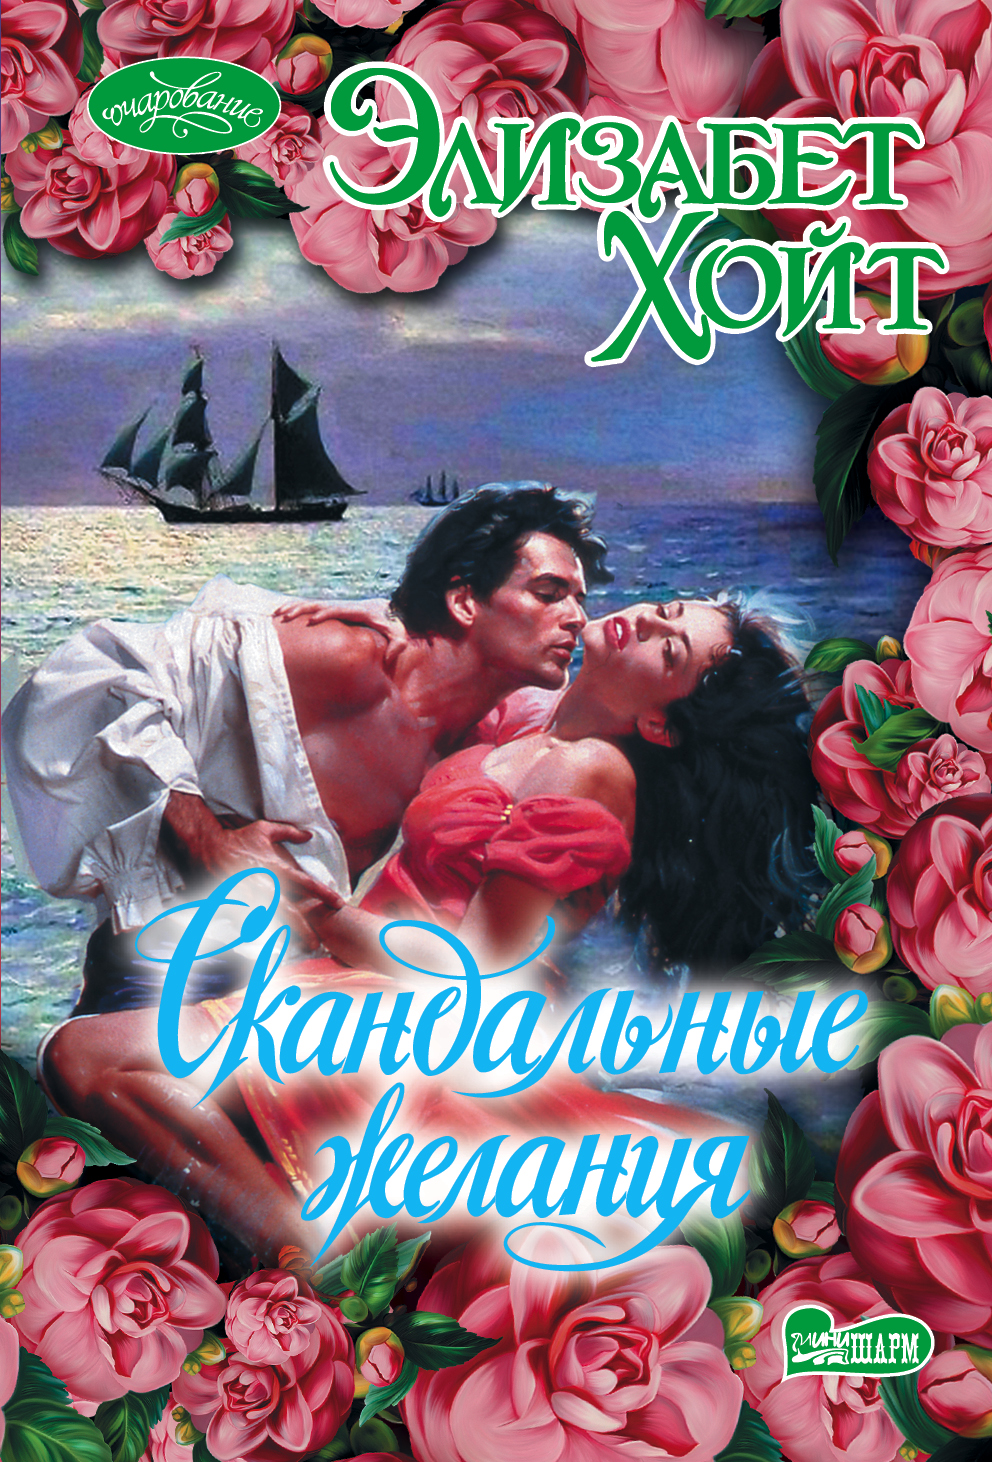 Скандальные желания от book24.ru